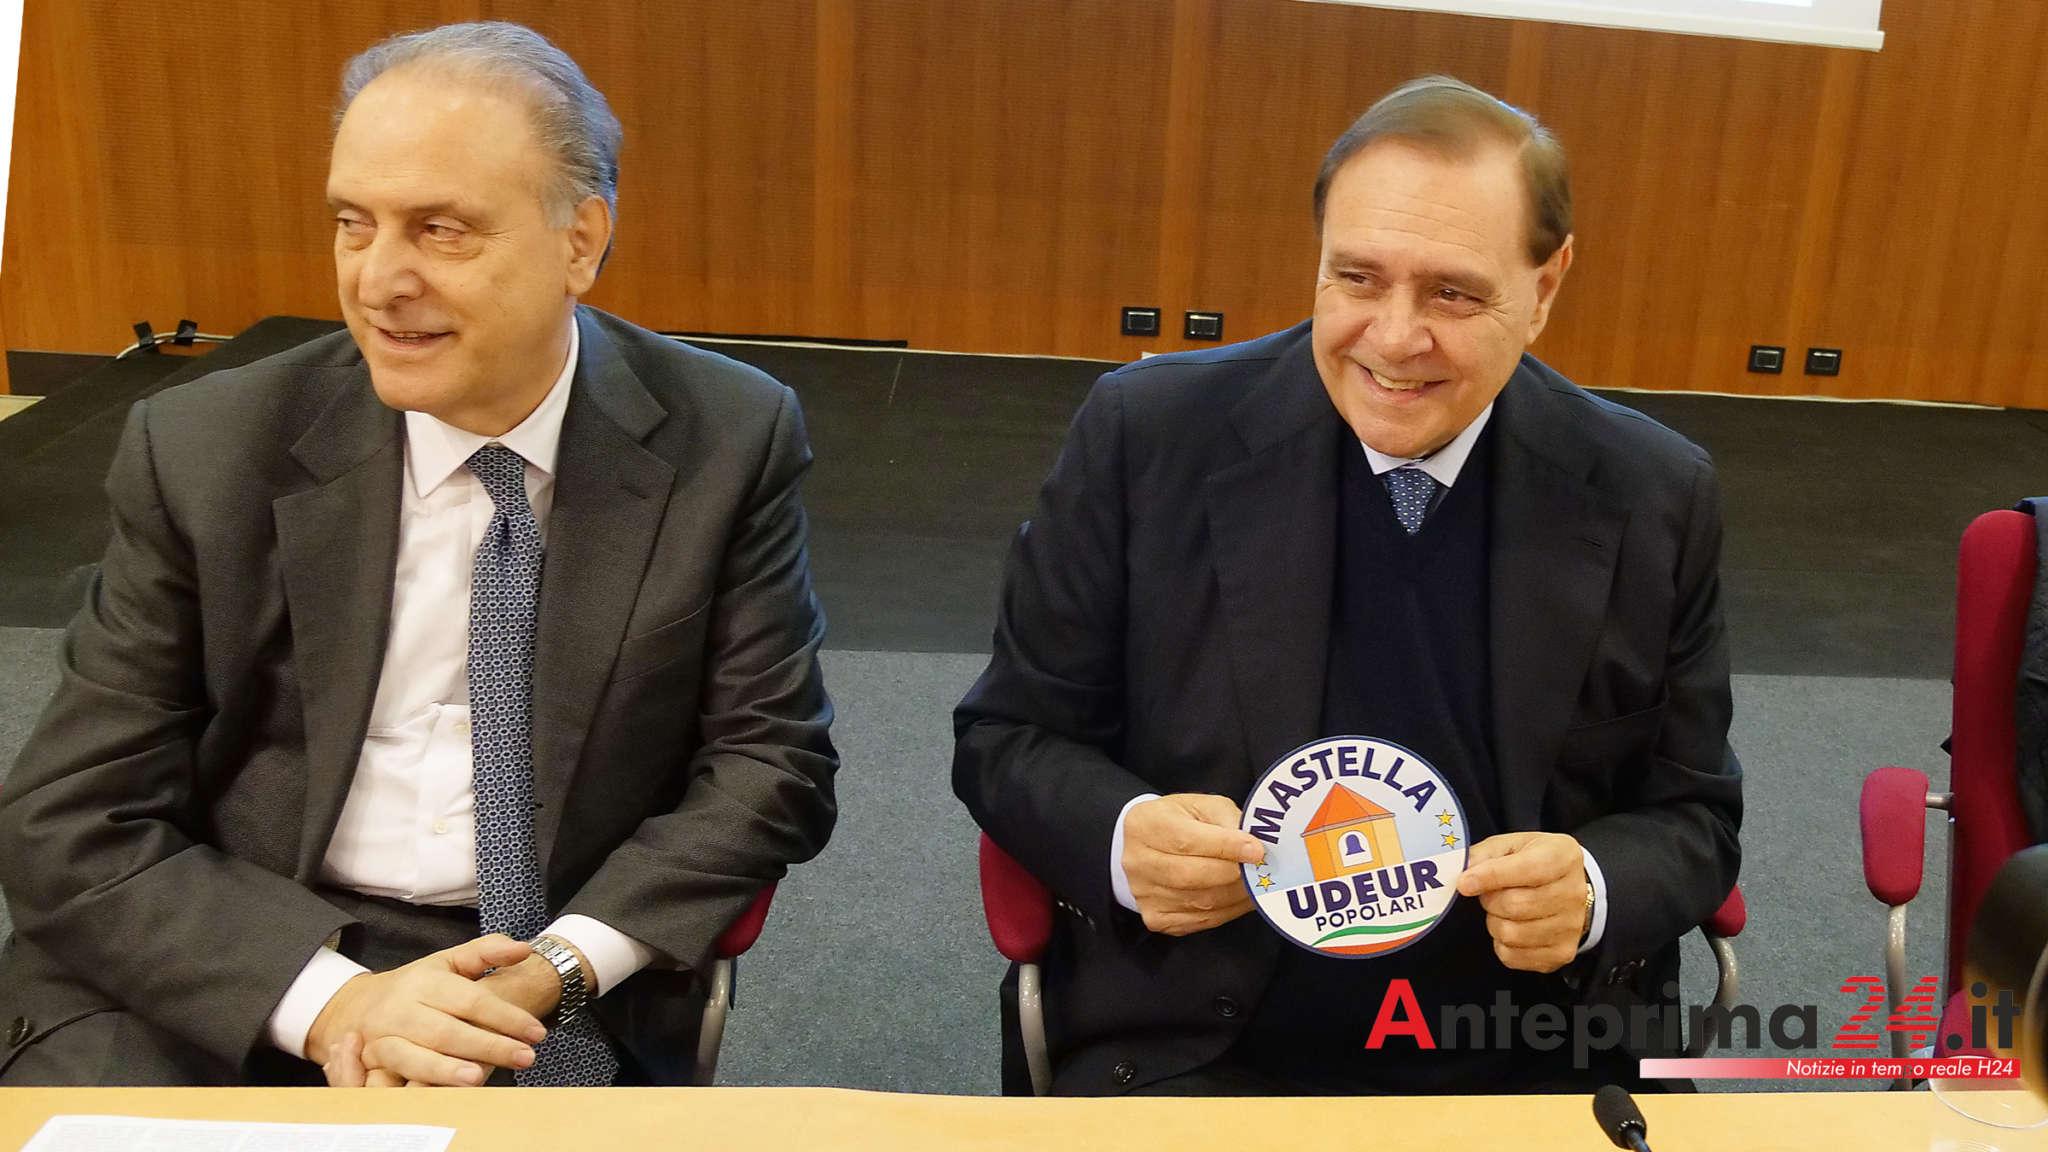 Incontro Cesa-Mastella: l'Udeur aderirà a Noi con l'Italia